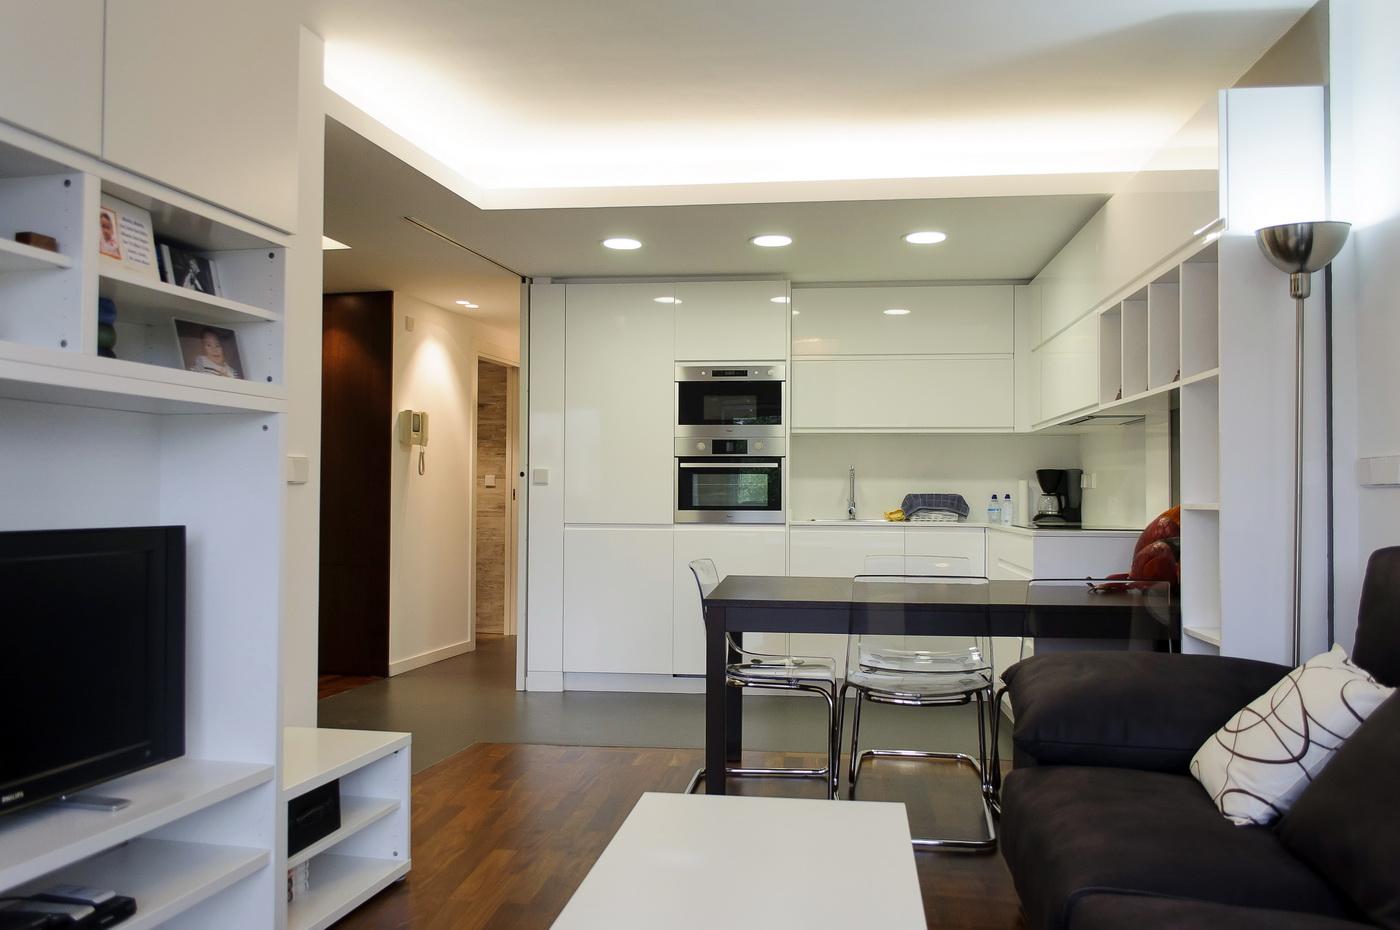 Finalizaci n de obra reforma integral de piso en a coru a intra arquitectos - Reformas de piso ...